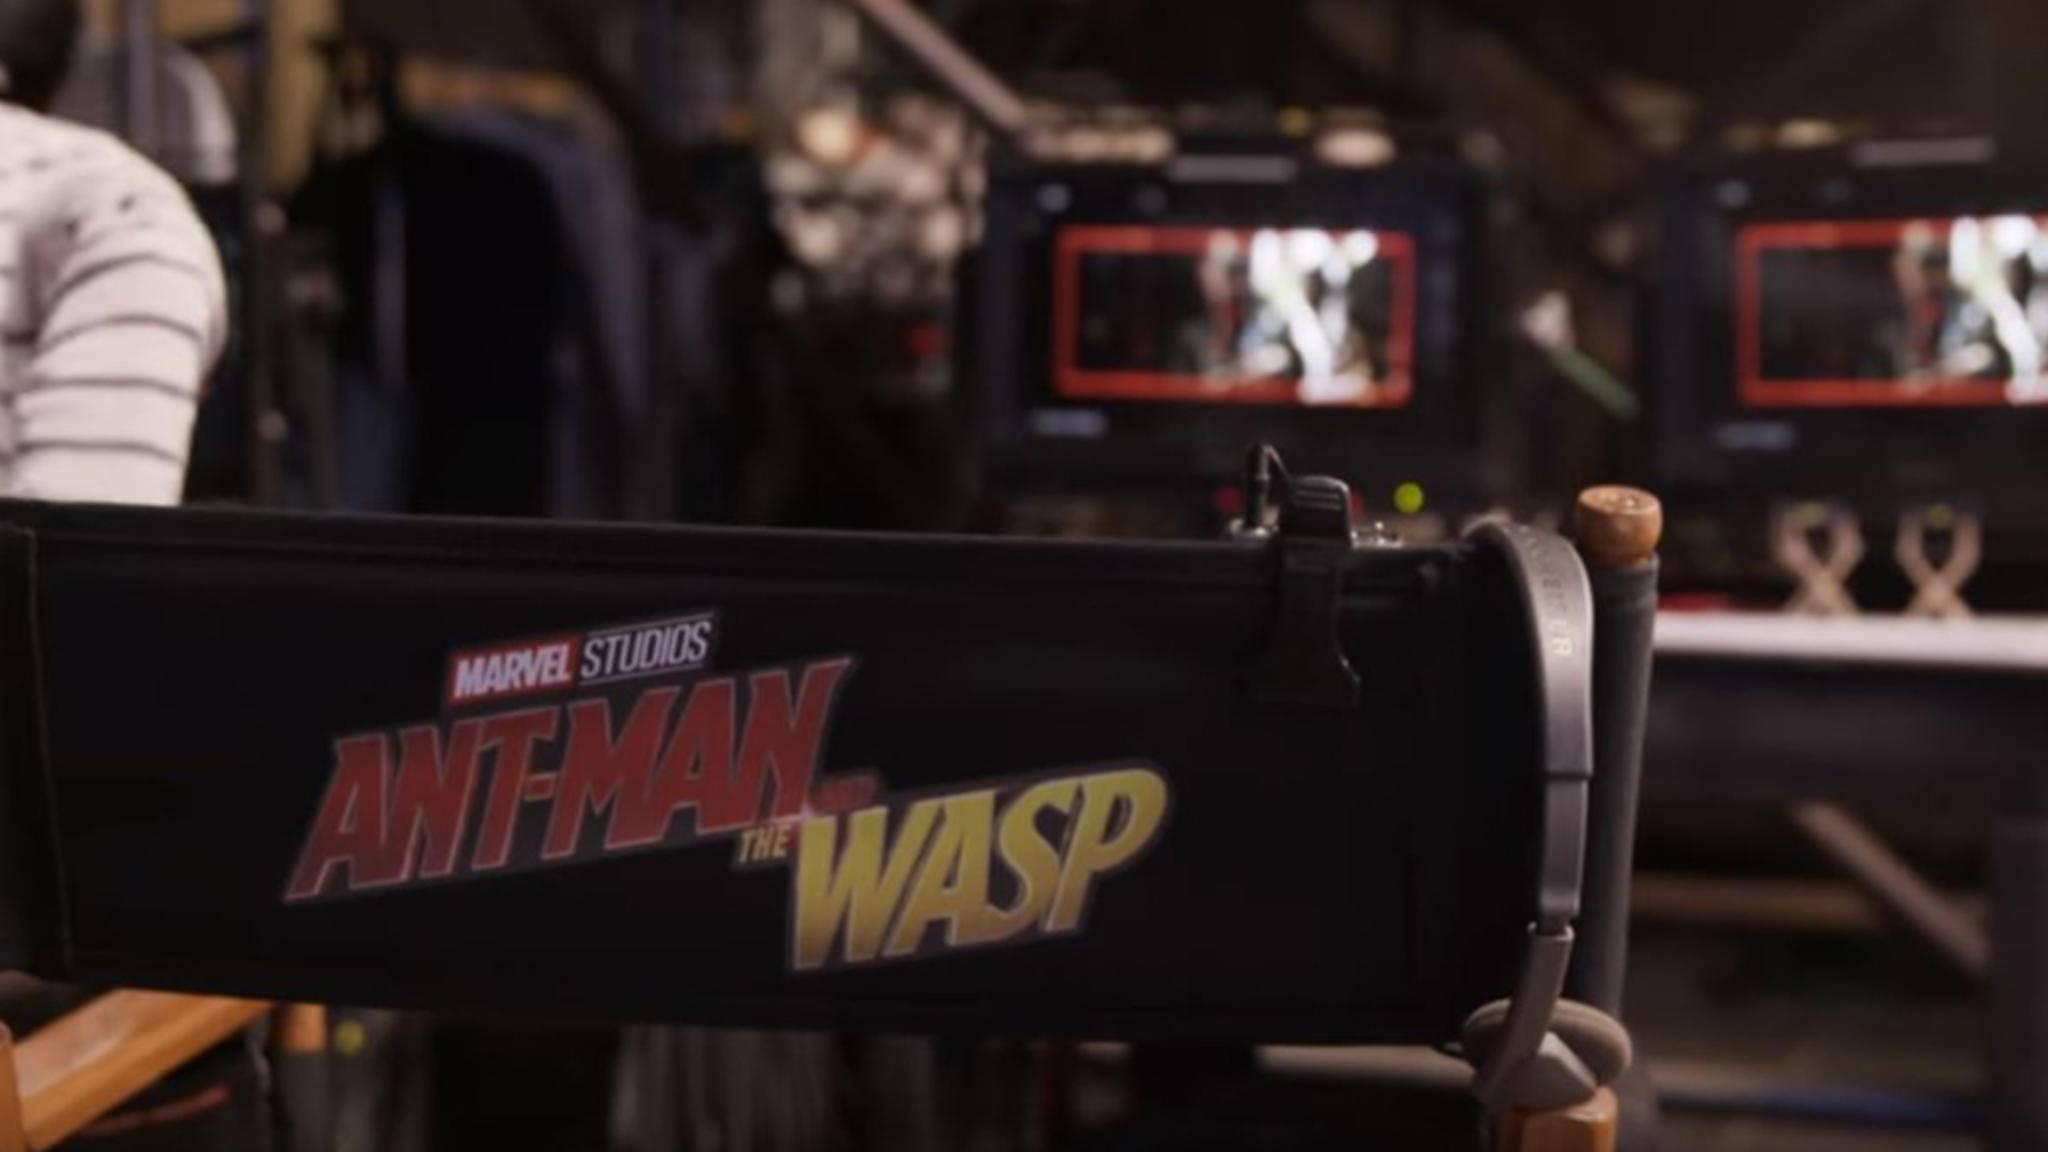 Ein weiterer Solo-Film ist noch lange keine Garantie, dass Ant-Man den Infinity War überlebt.